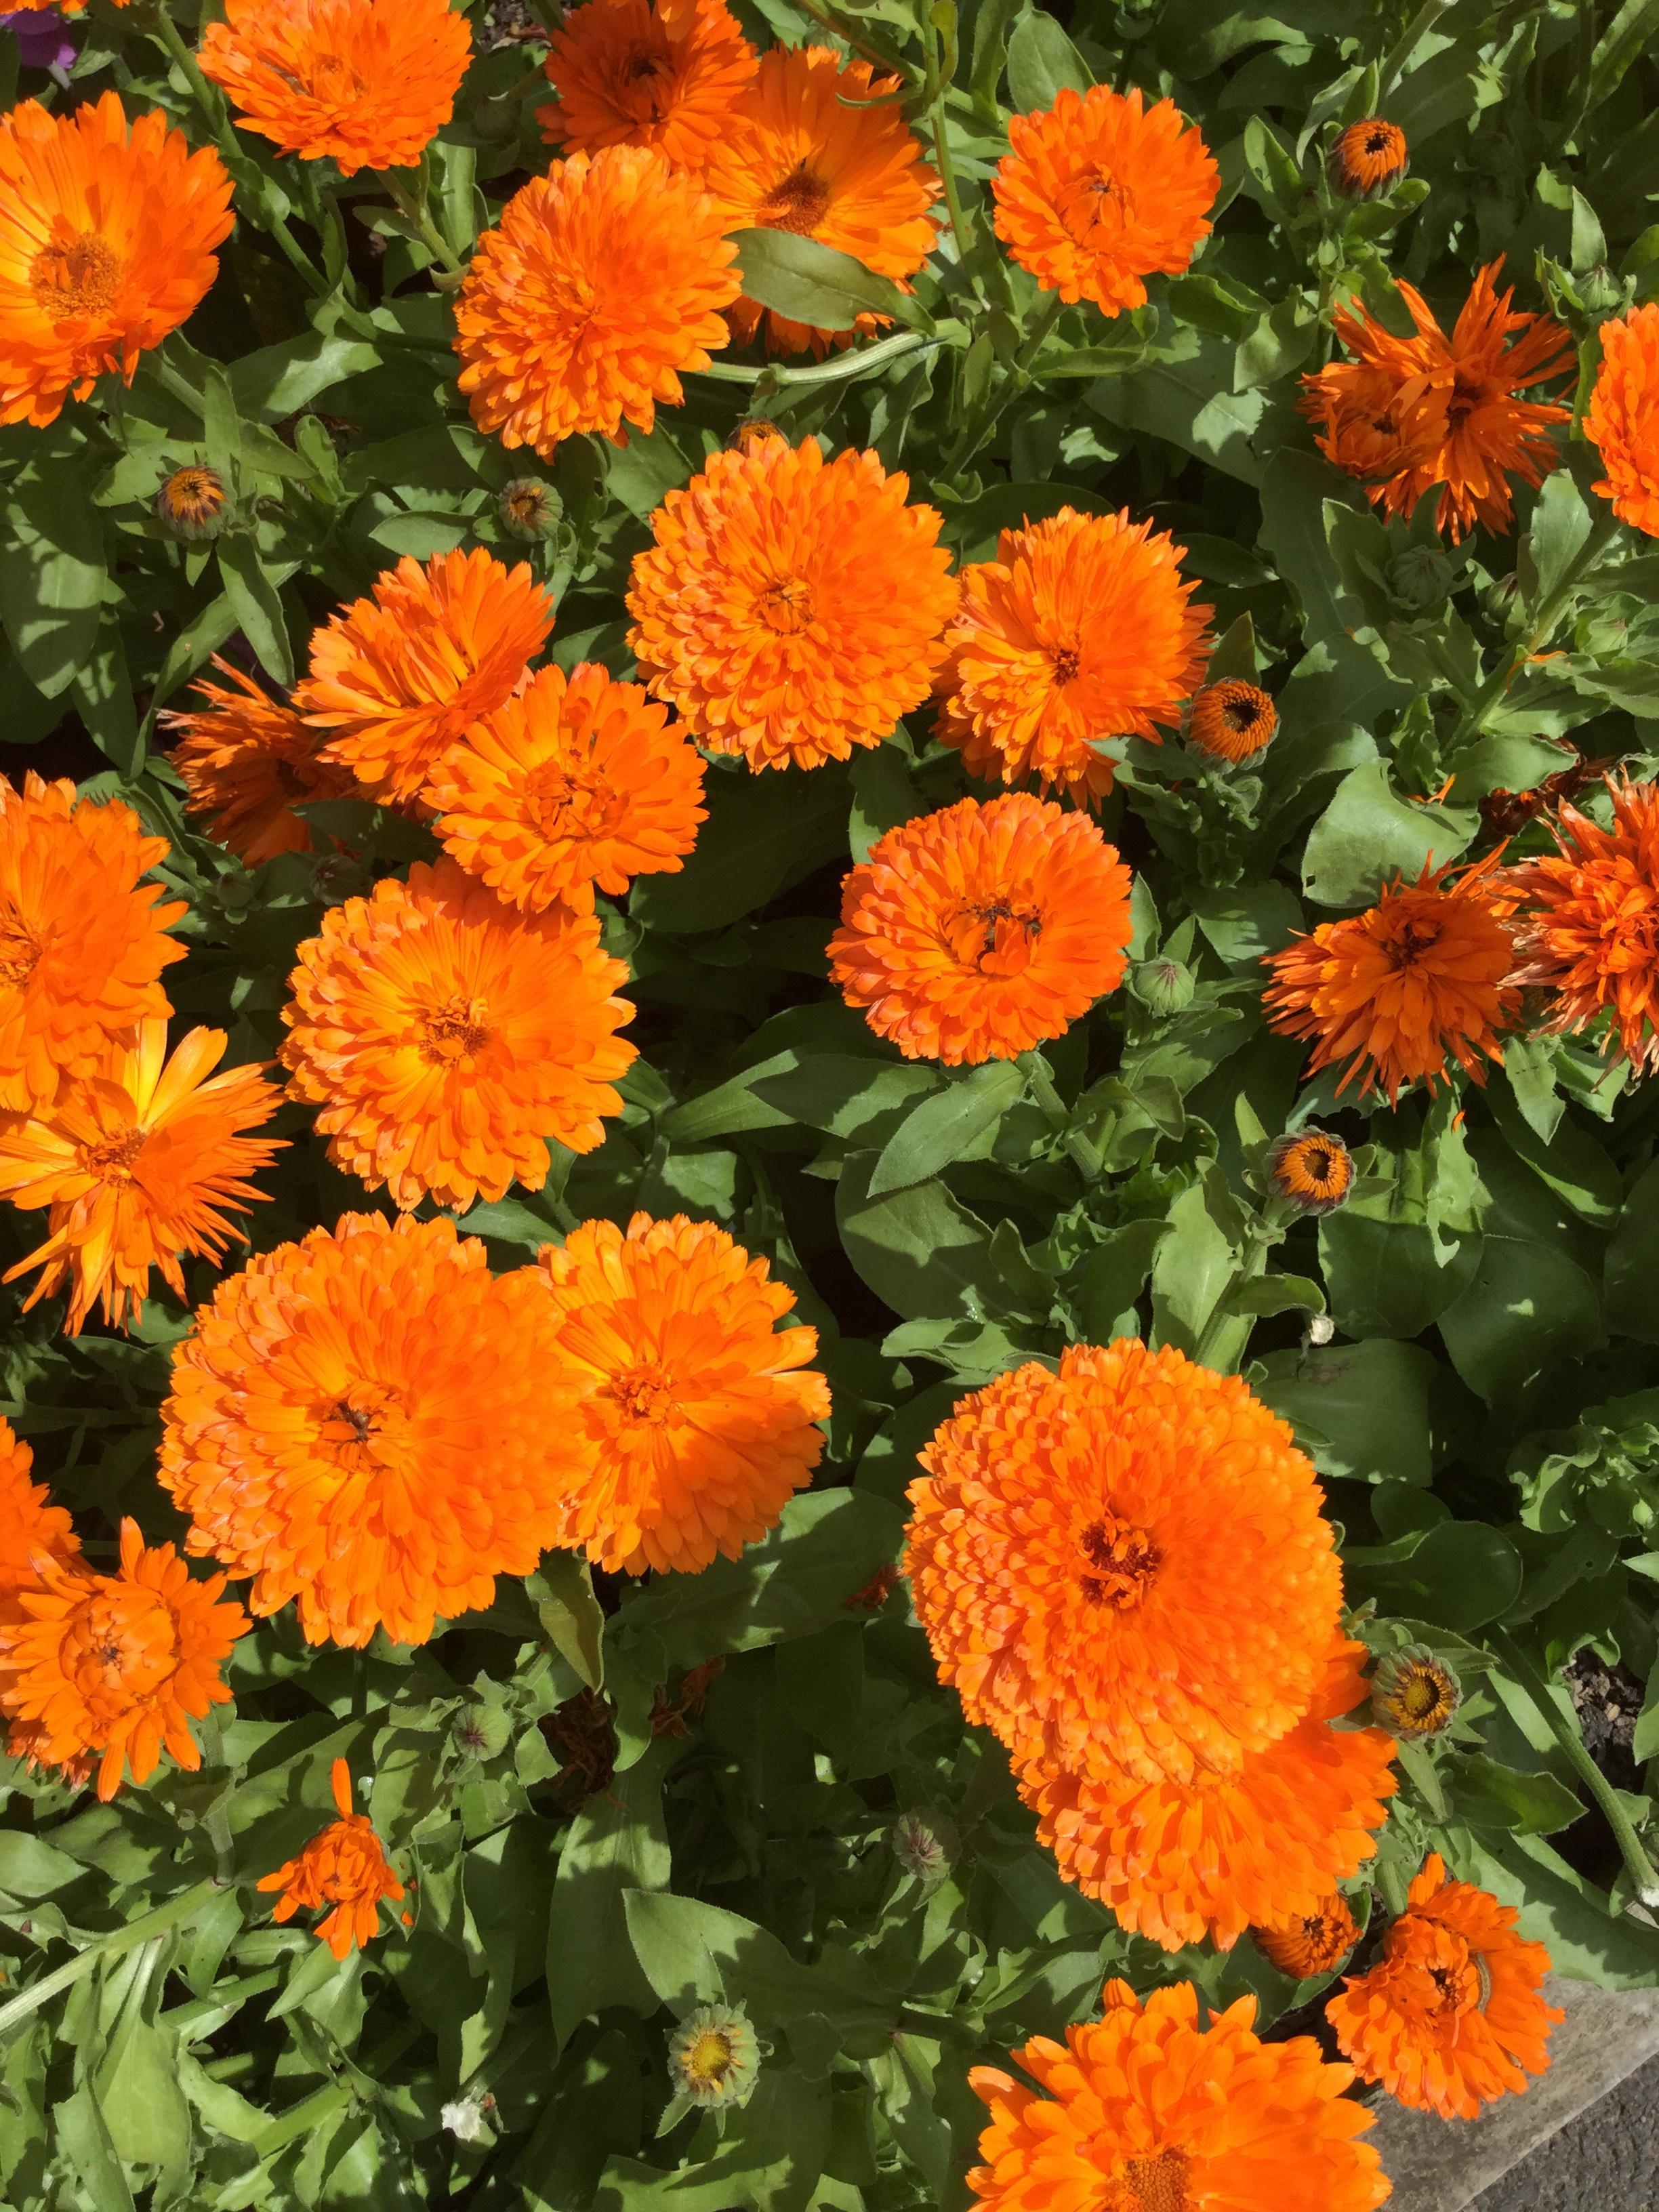 Calendula - October's Flower - Suttons Gardening Grow How